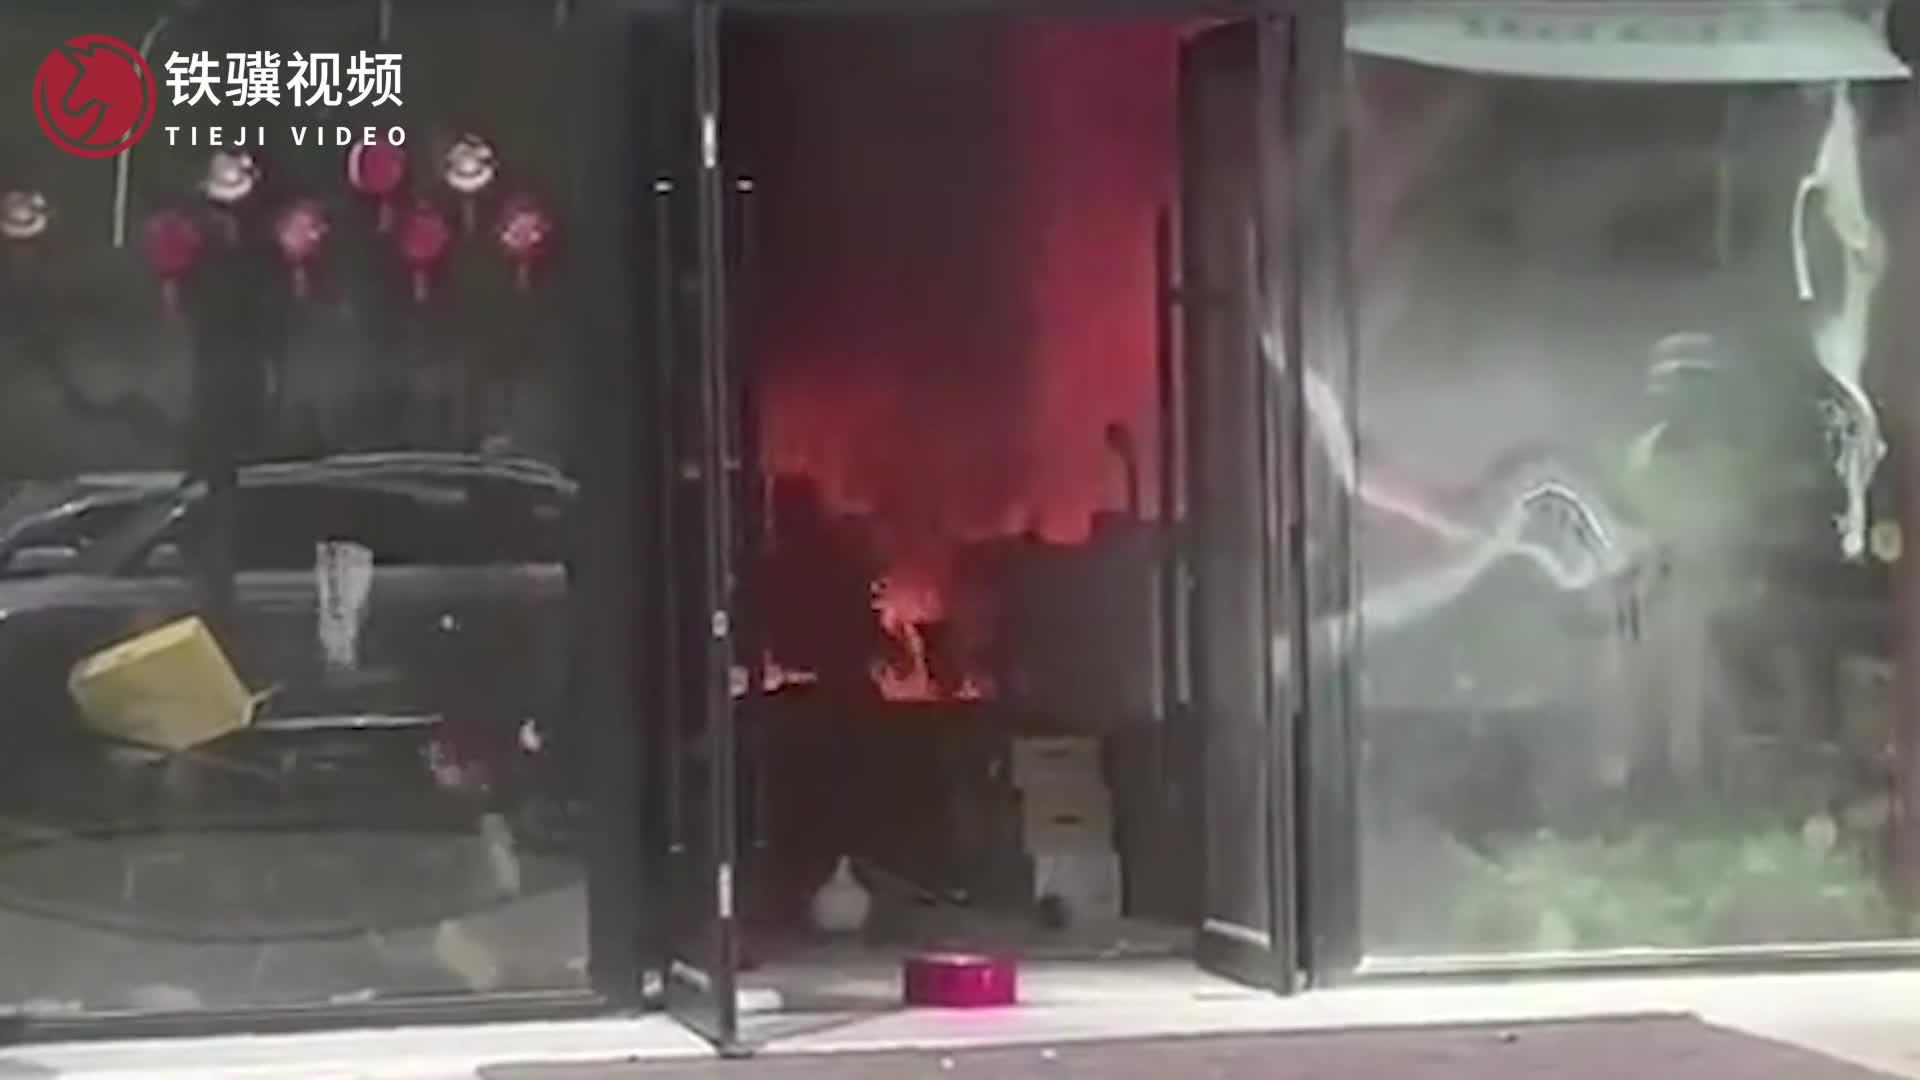 江苏昆山一男子持刀伤人后放火烧店 警方通报